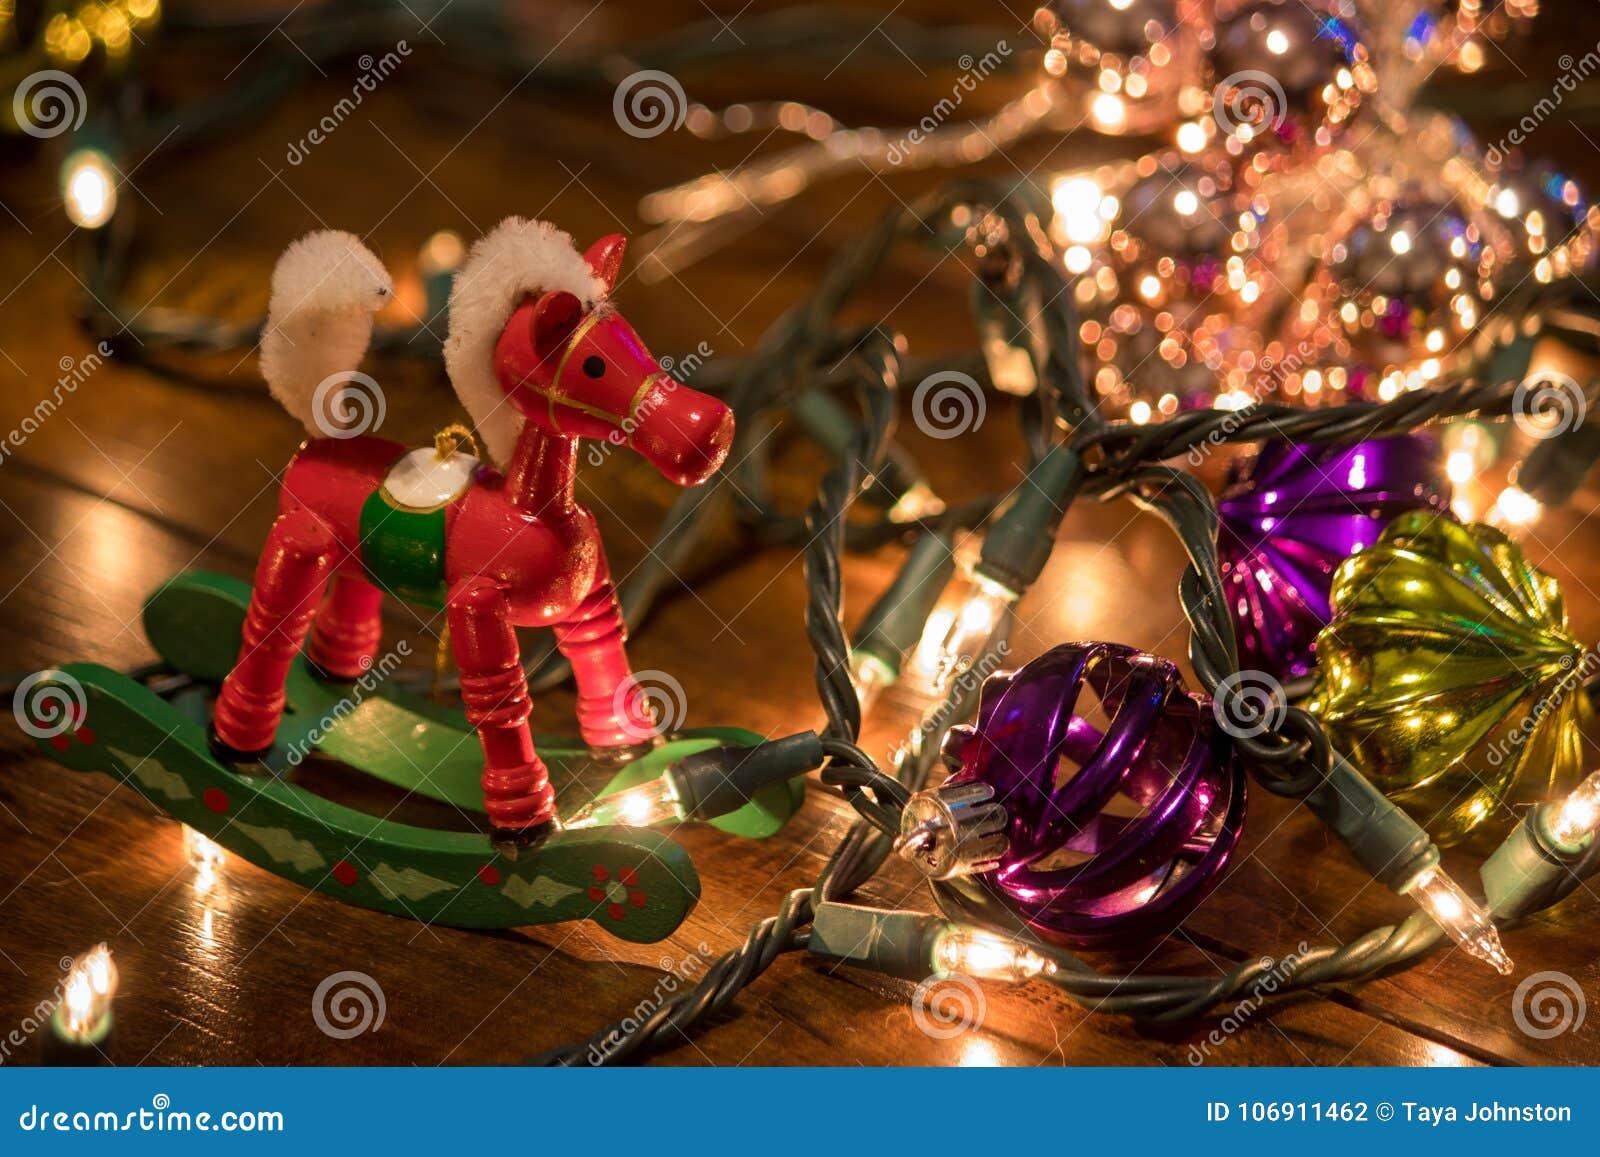 Ornamenty i bożonarodzeniowe światła na drewnianej podłoga